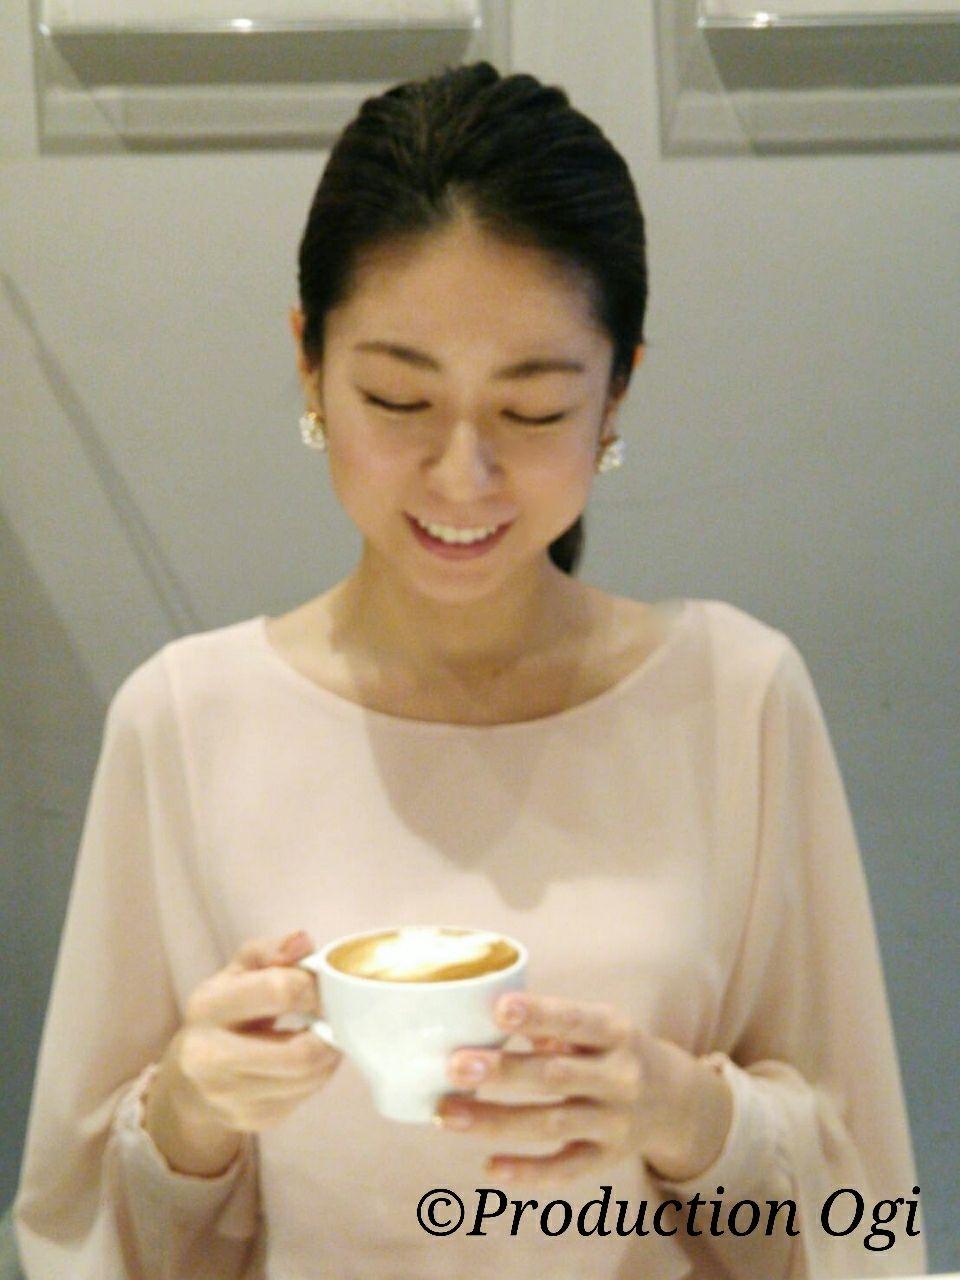 黒坂真美の画像 p1_26